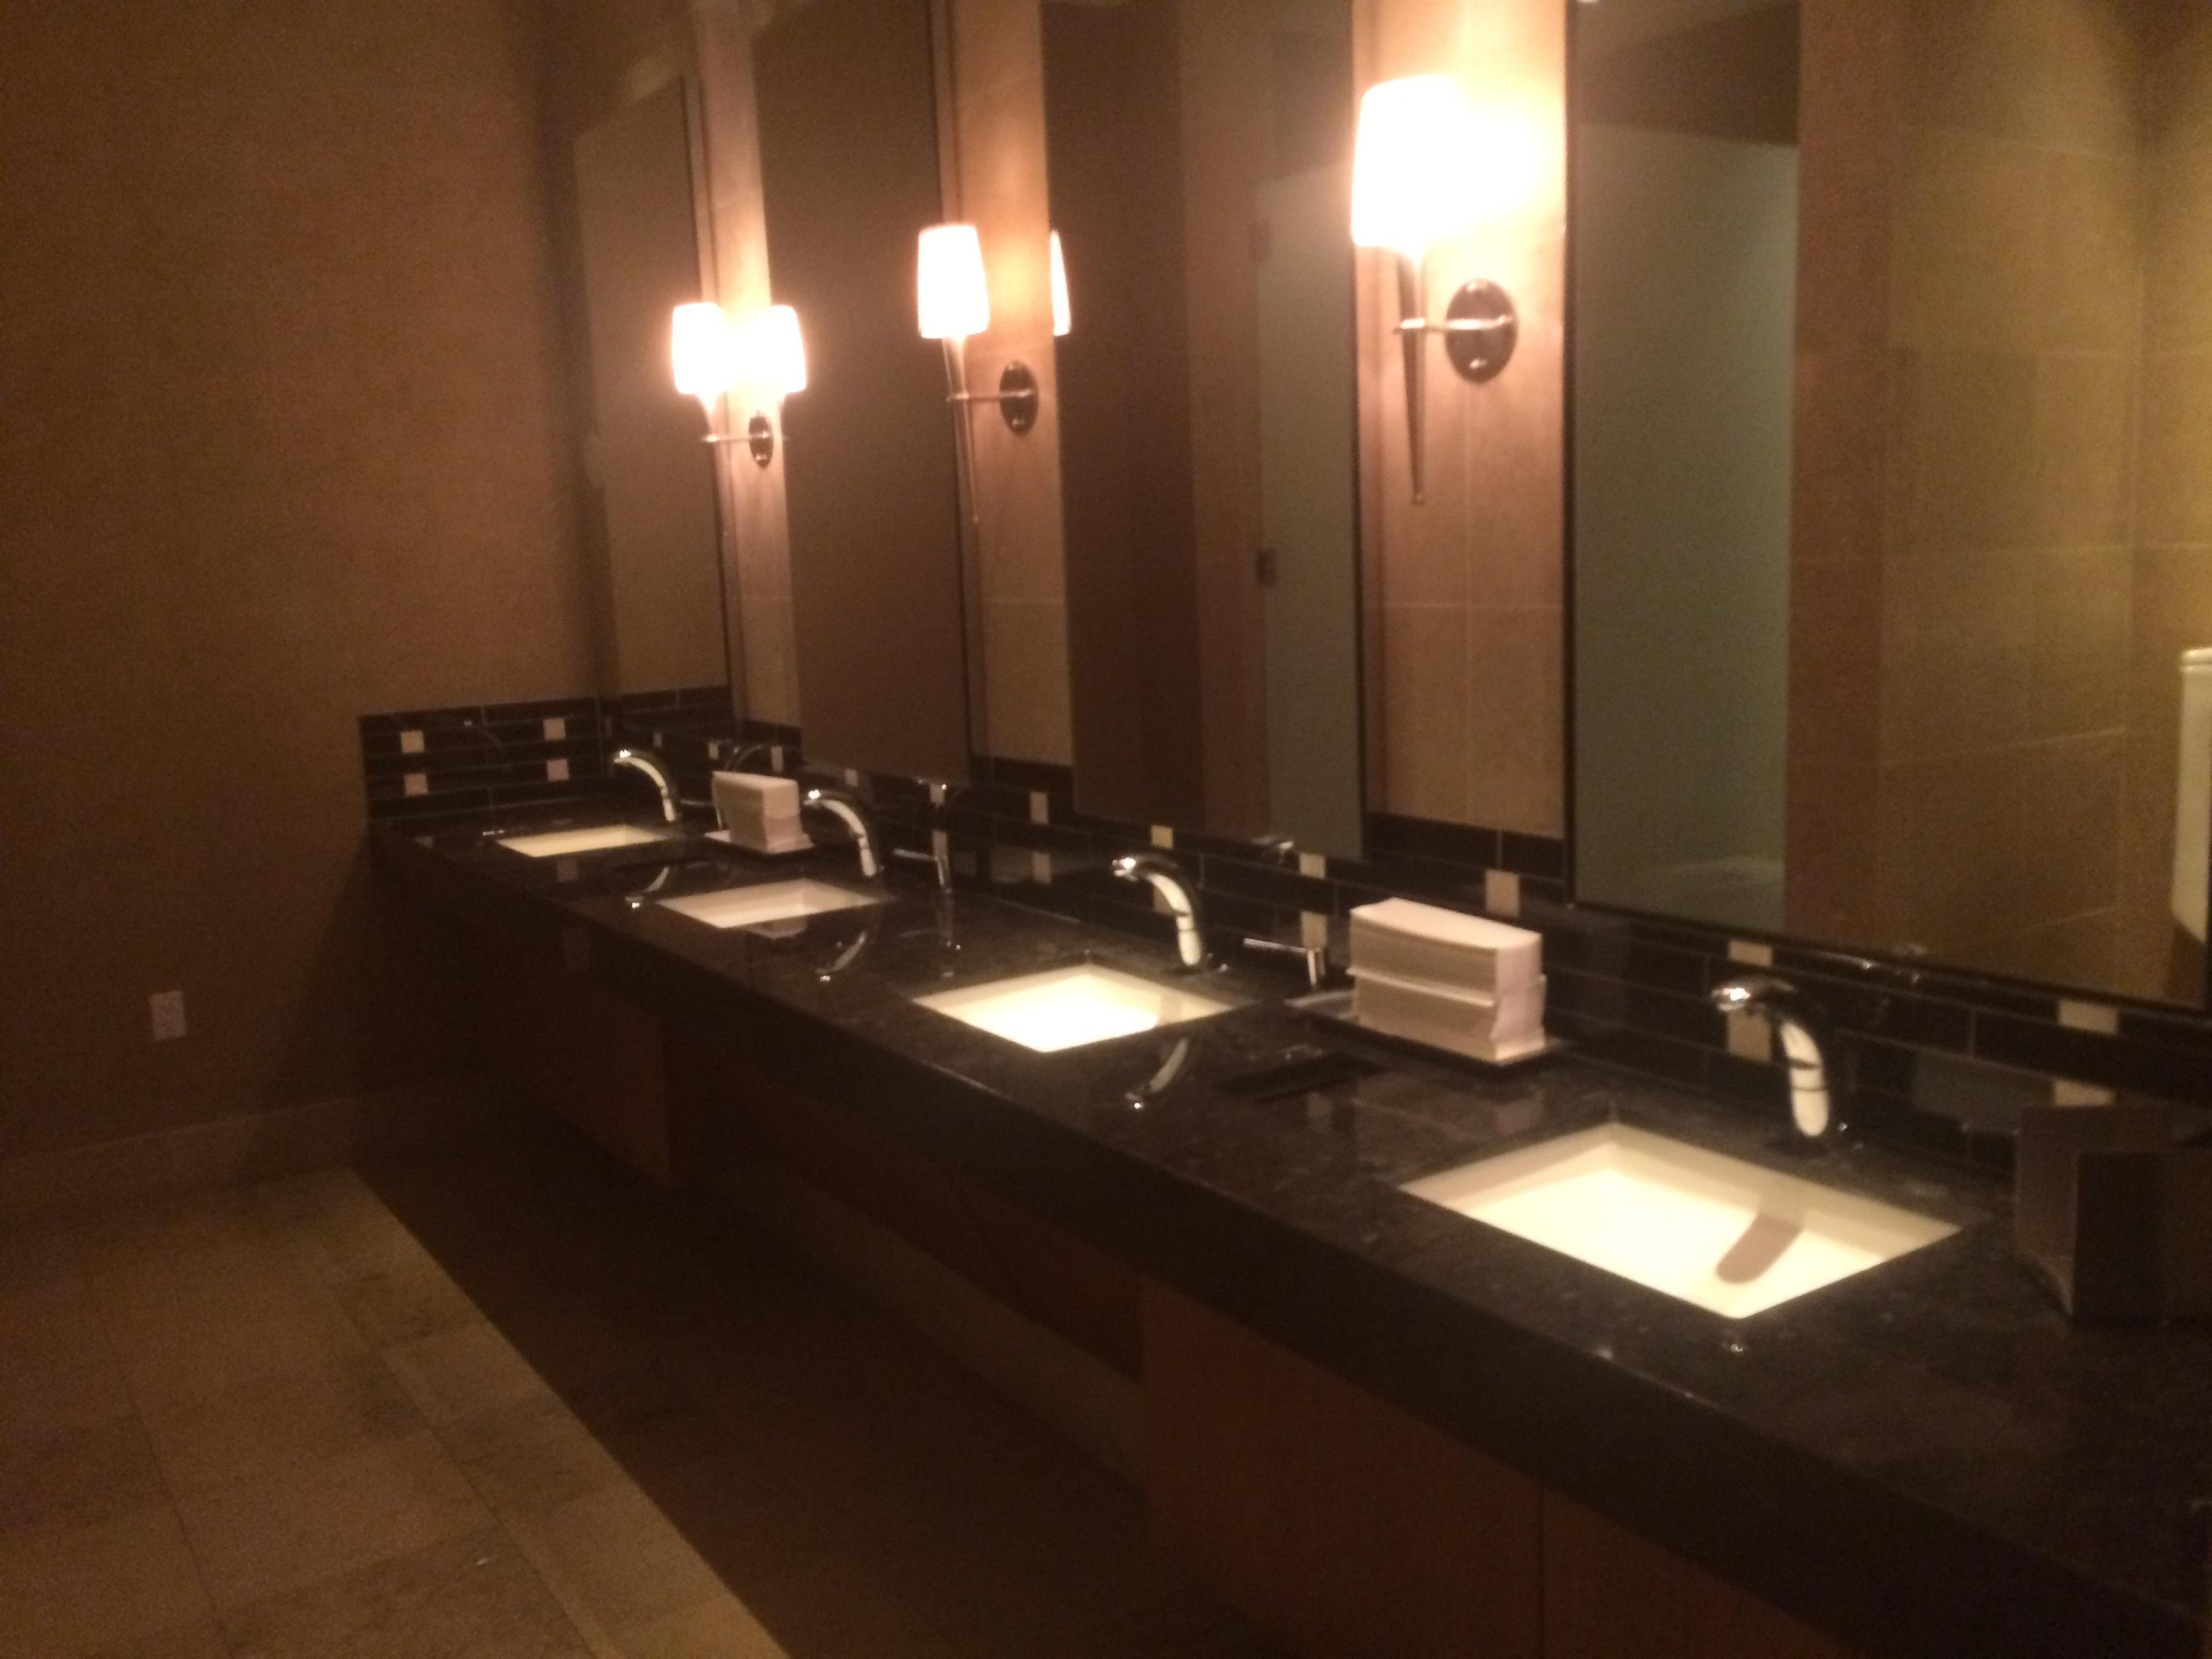 Commercial Motion Sensor Restroom Sink Faucets